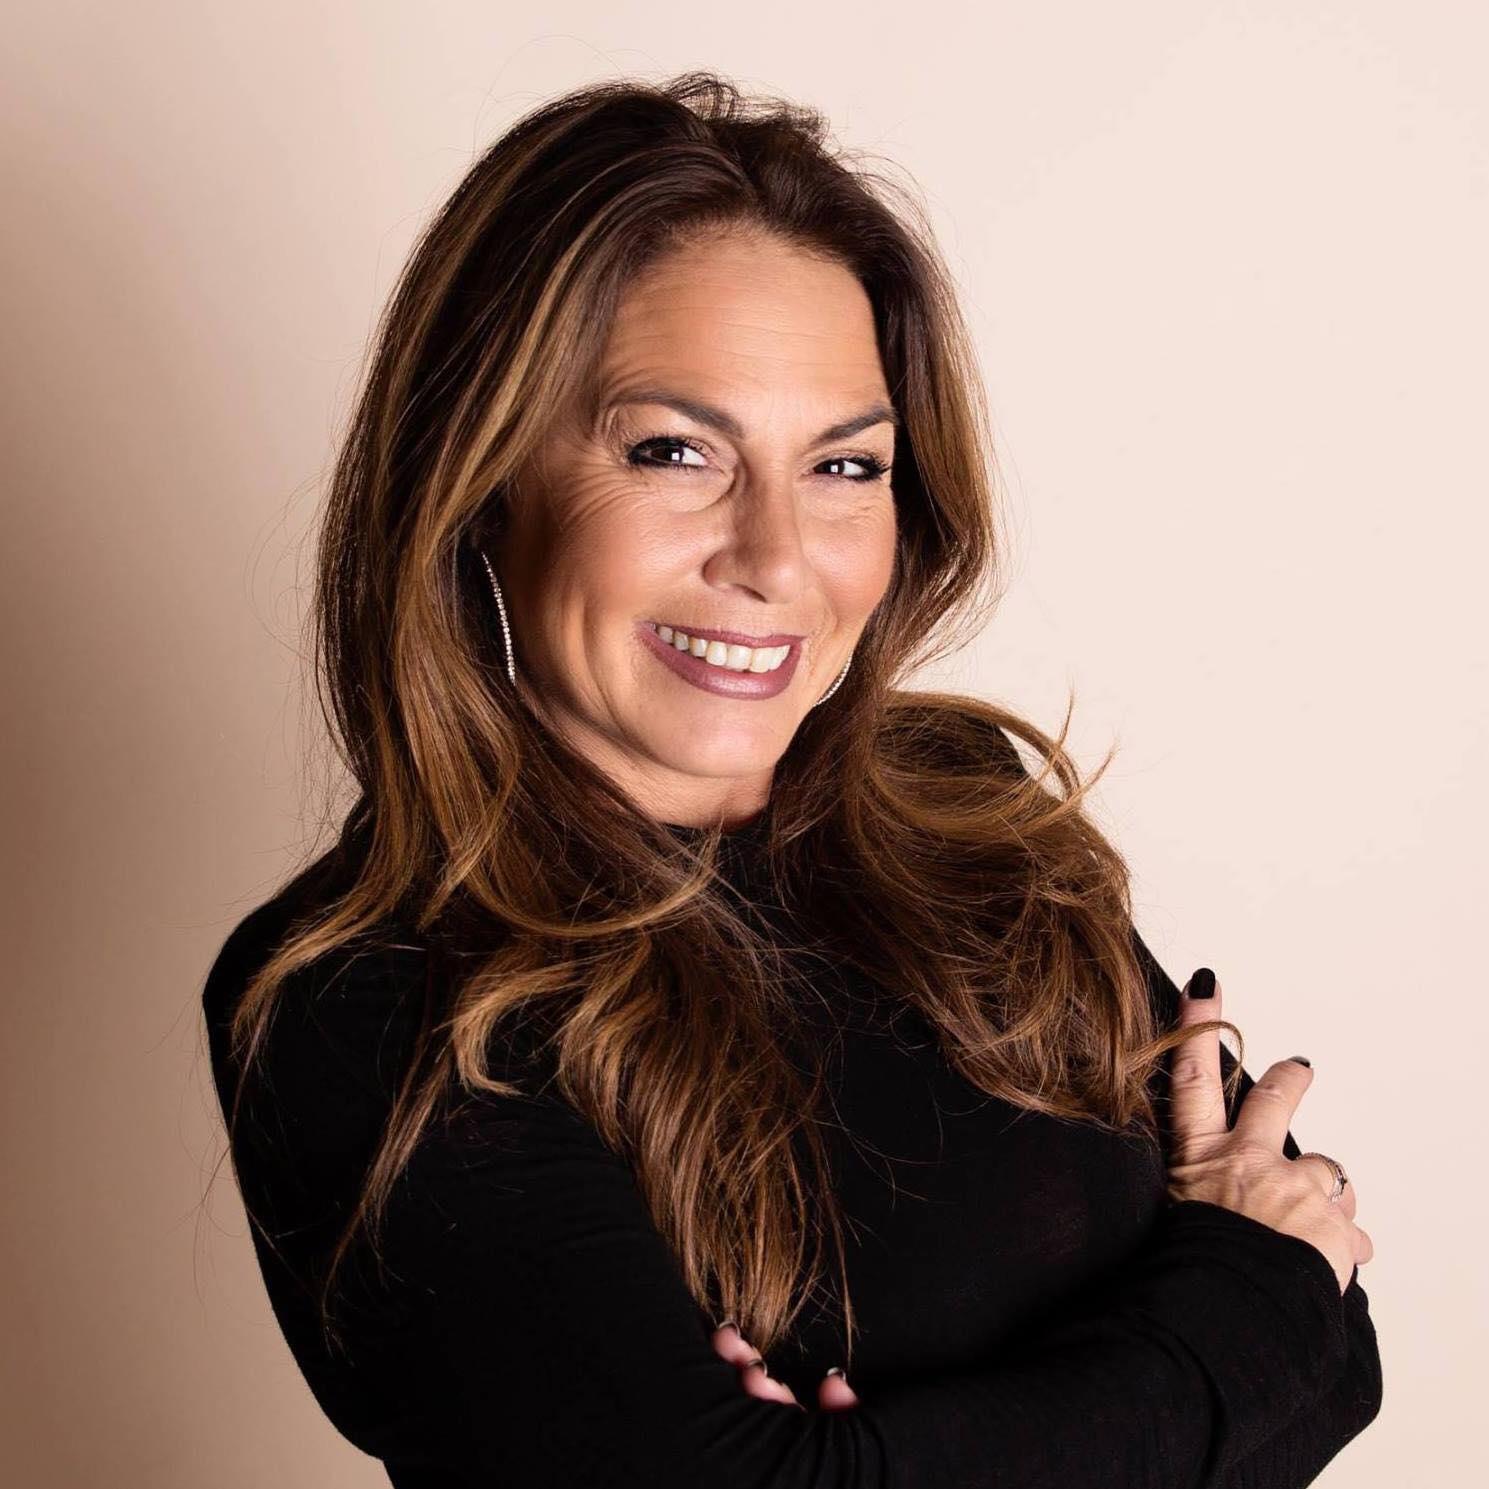 Karen Vito